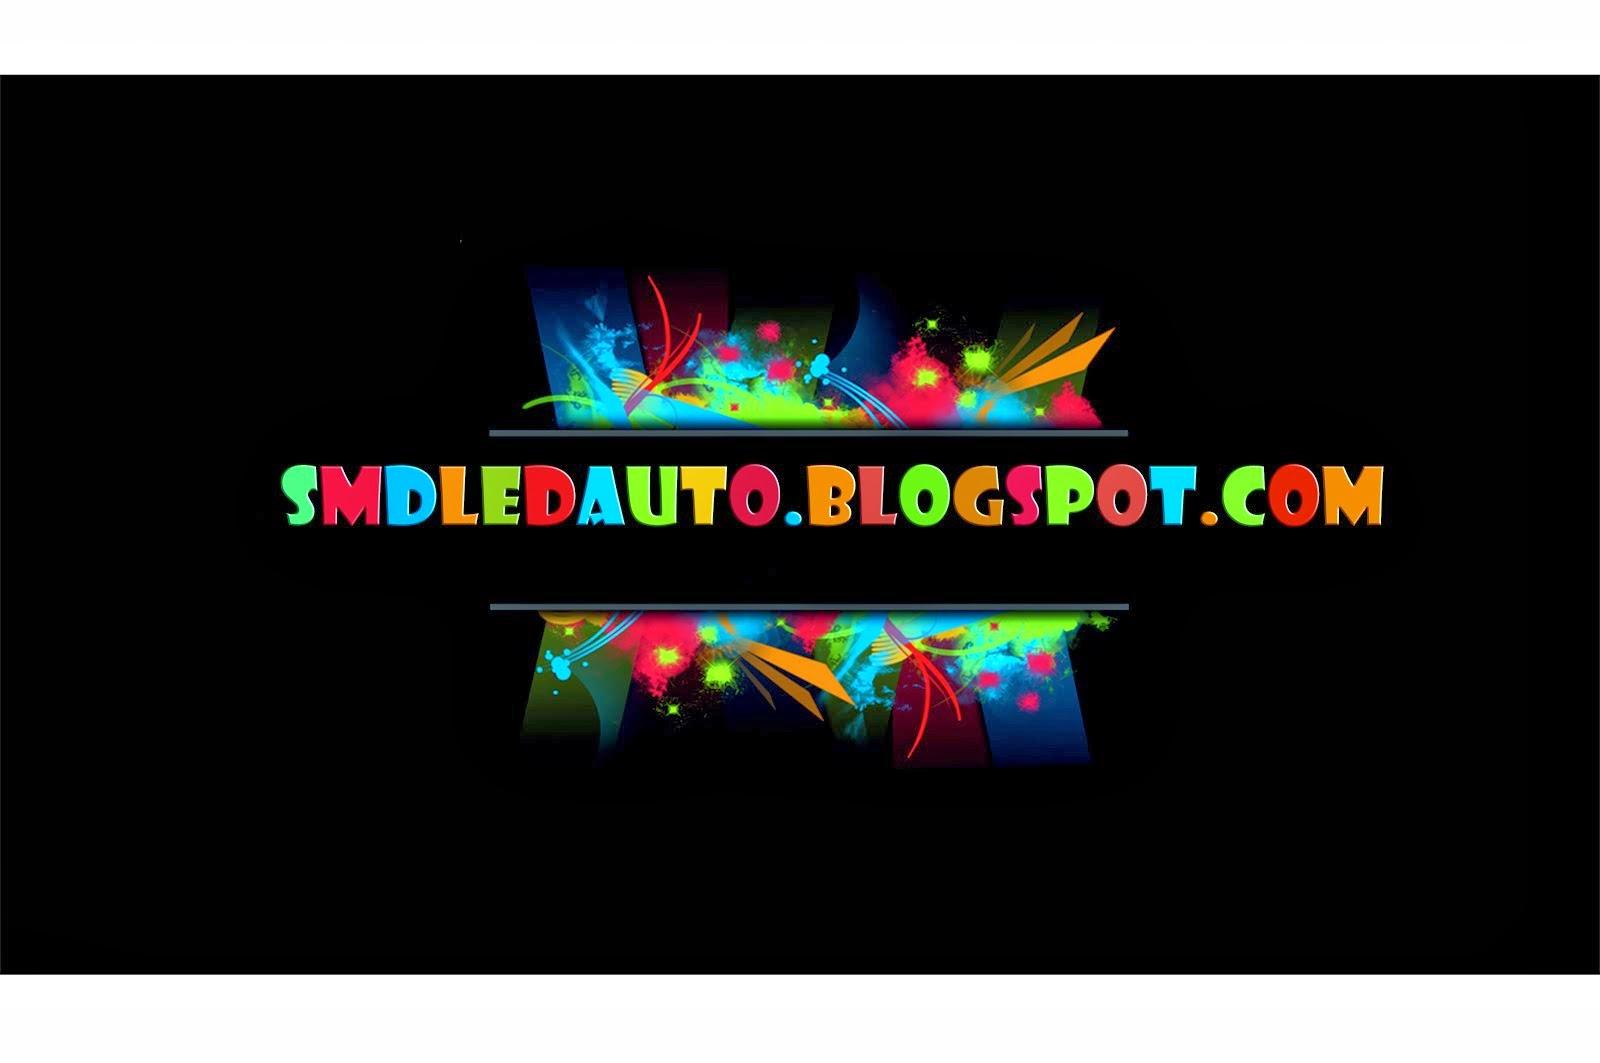 SMDLEDAUTO.BLOGSPOT.COM